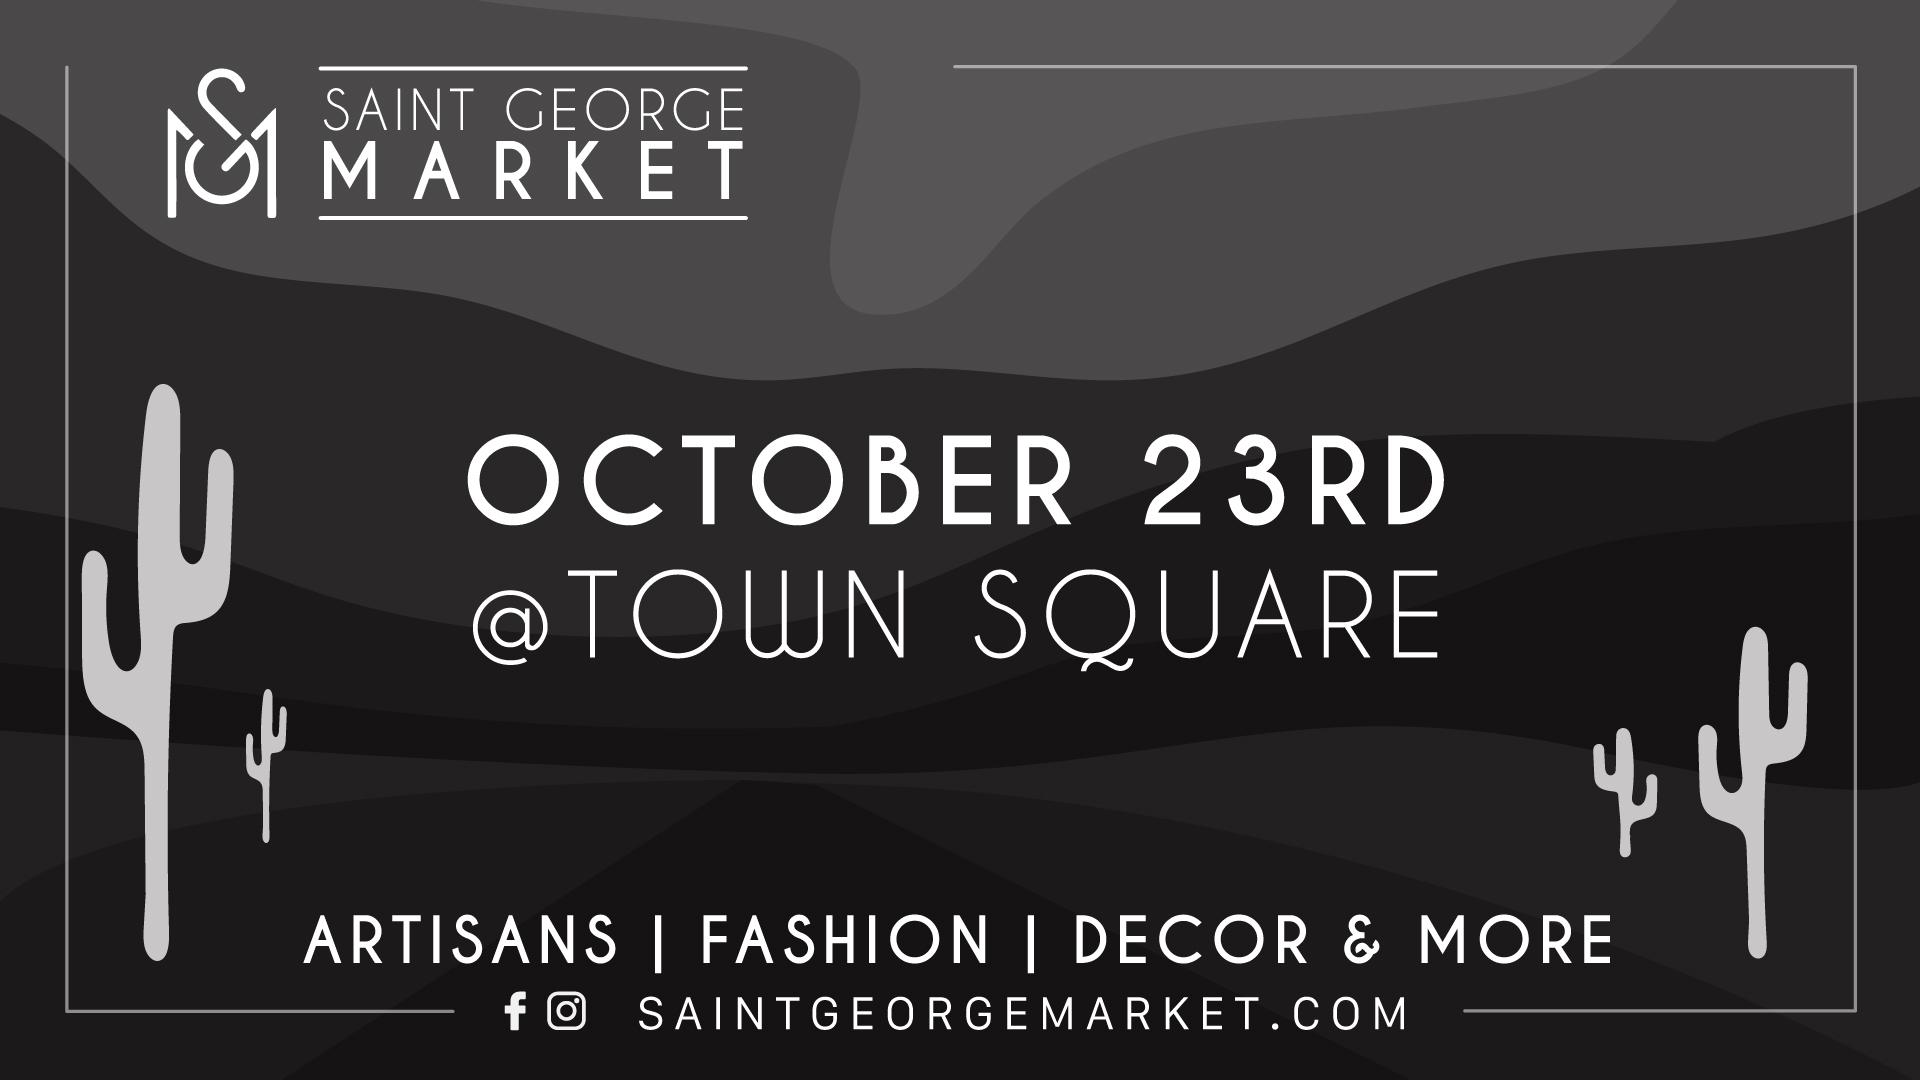 st george market october